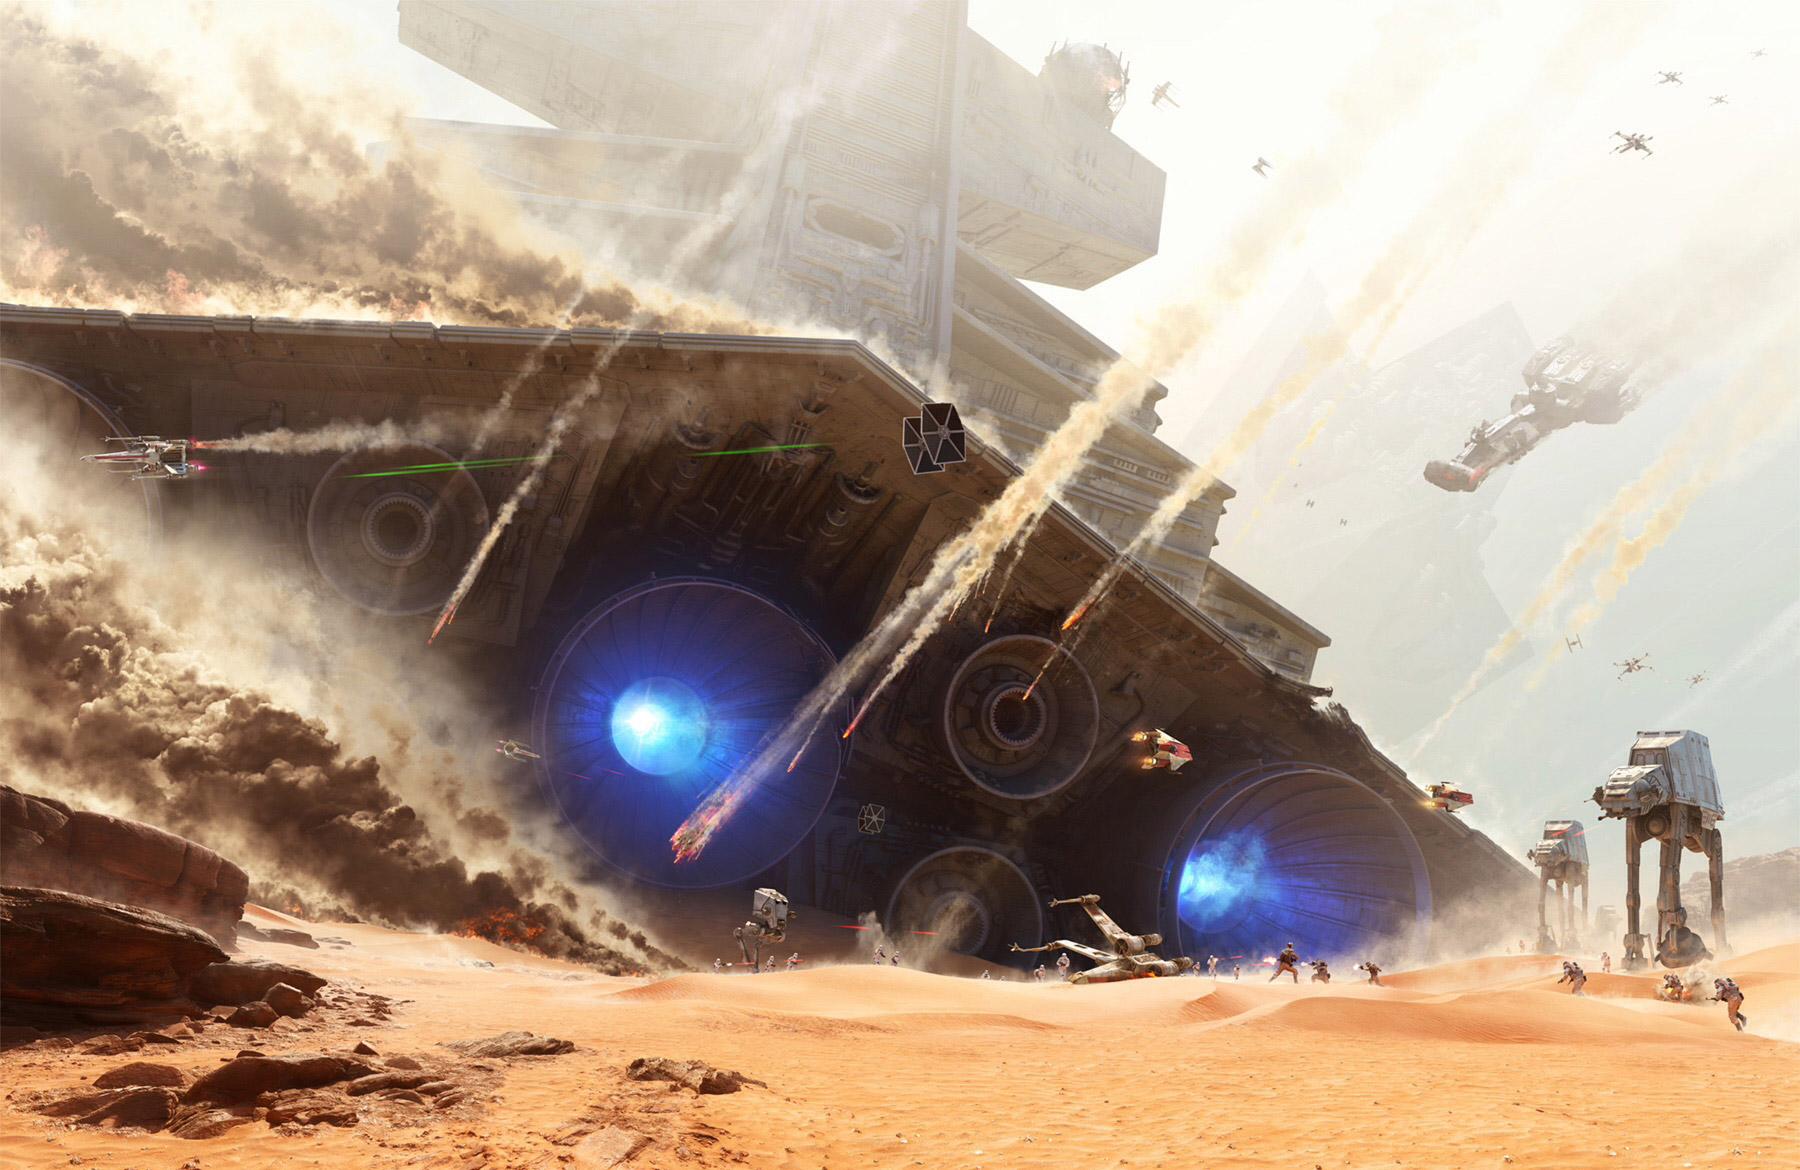 starwars-battlefront-artwork